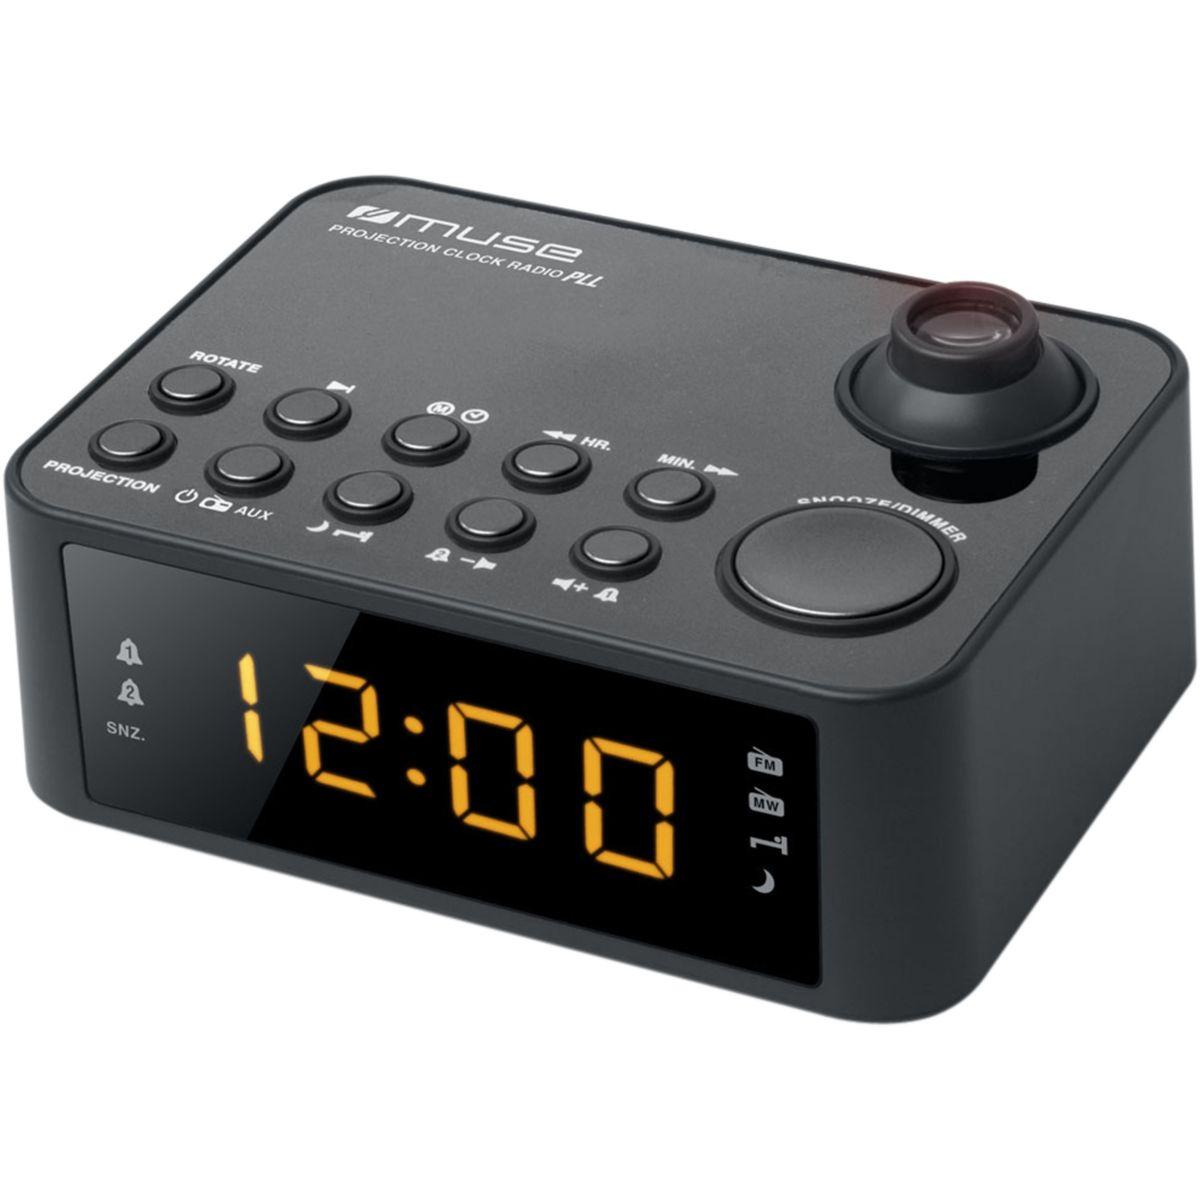 Radio-réveil muse m-178 p noir - 5% de remise : code multi5 (photo)